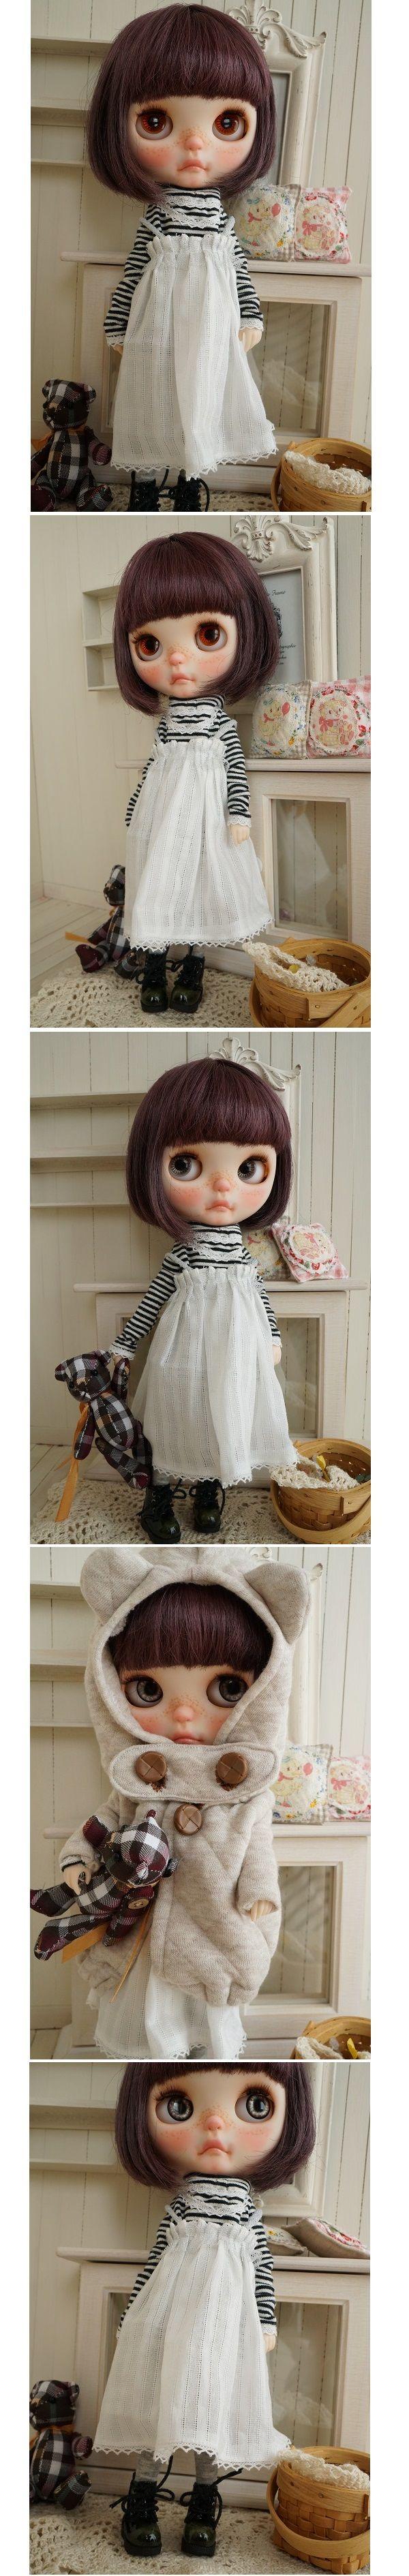 Хэллоуин, Хэллоуин пользовательских Блайт, пользовательские Блайт, Блайт, Блайт куклы, куклы на заказ Blythe, Rinkya, япония